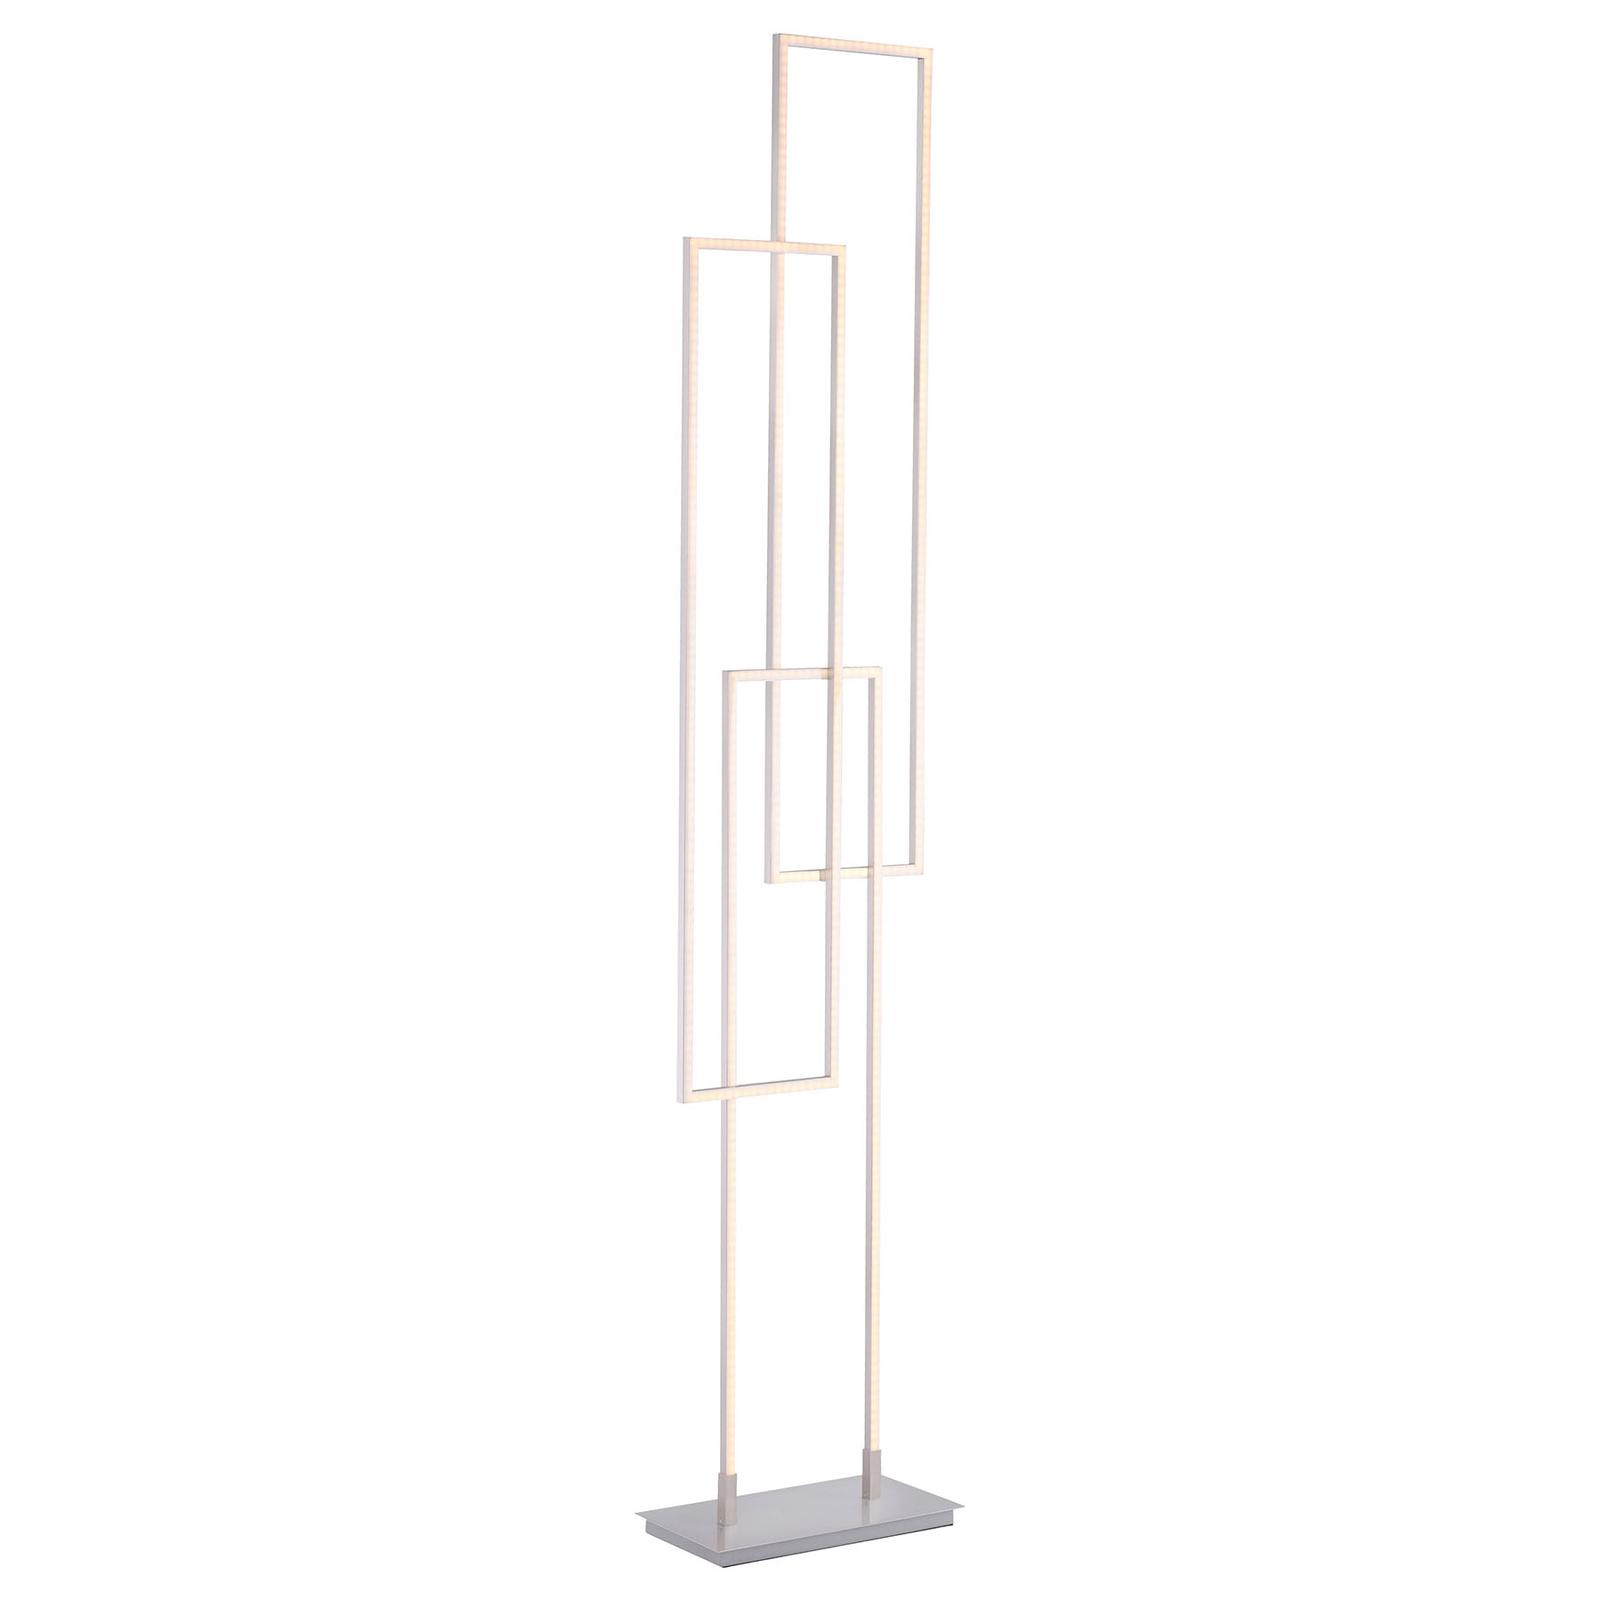 Paul Neuhaus Q-INIGO LED vloerlamp